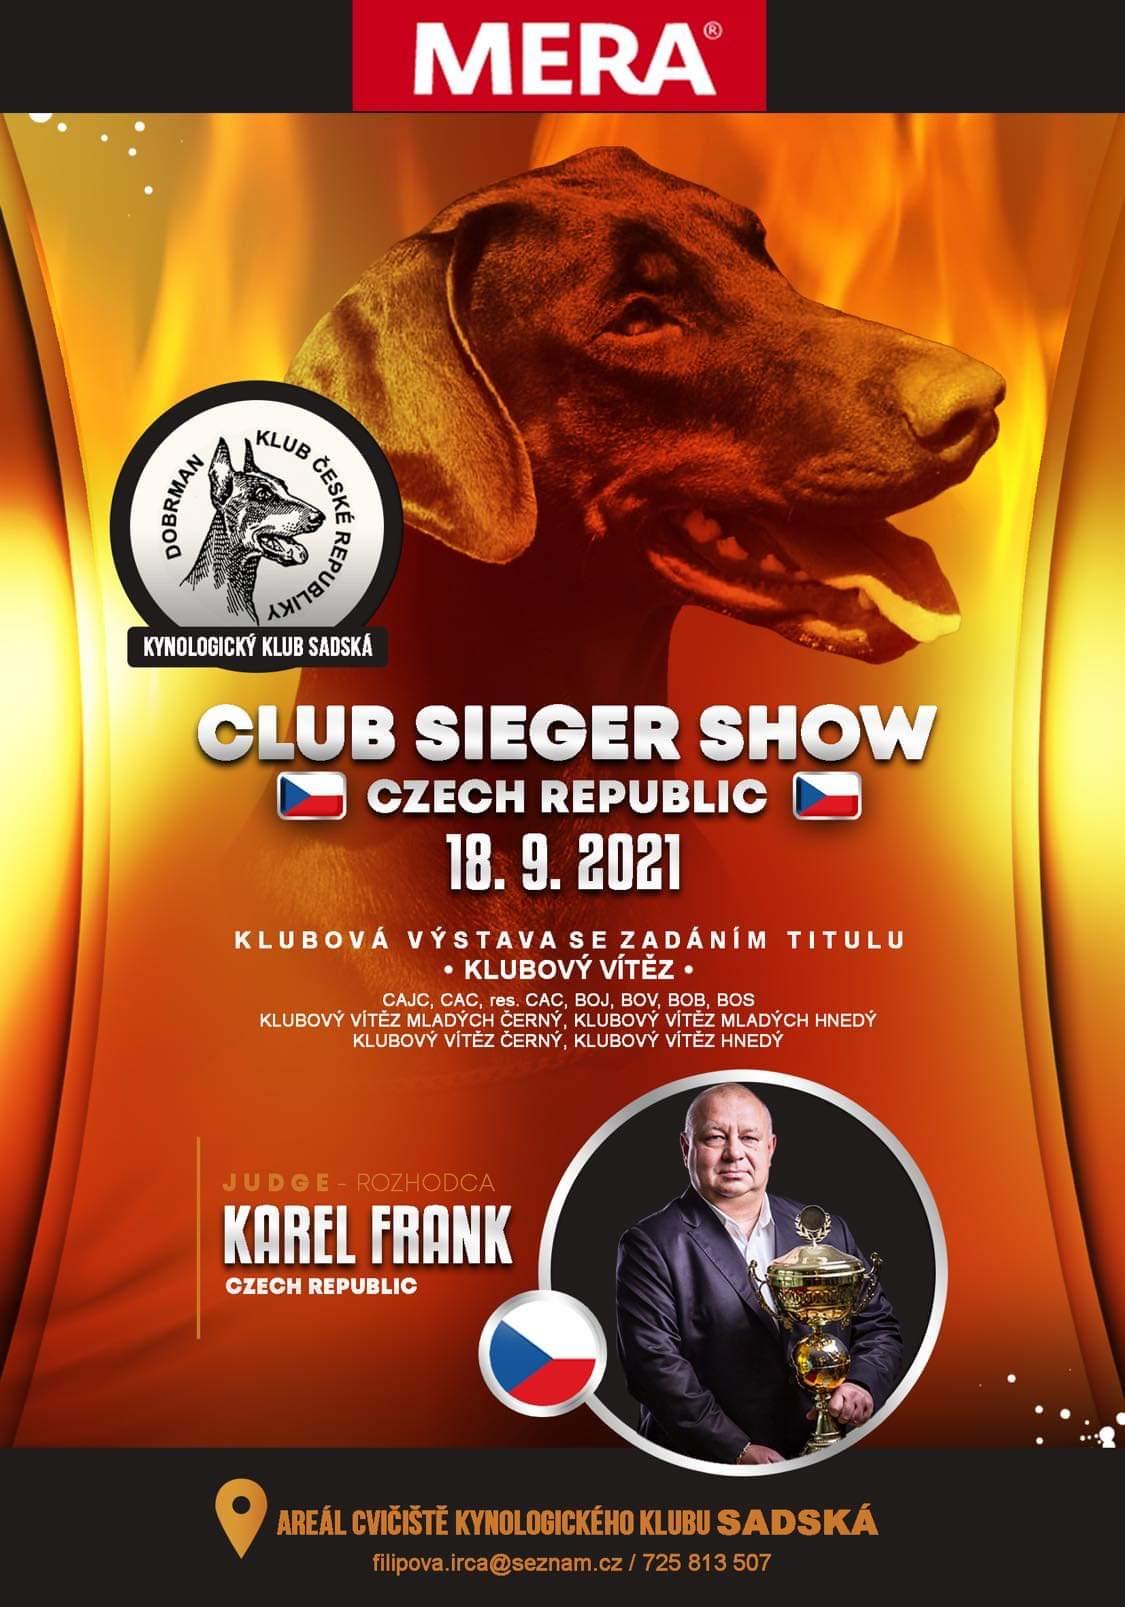 Read more about the article Klubová výstava se zadáním titulu KV Sadská 18.9.2021